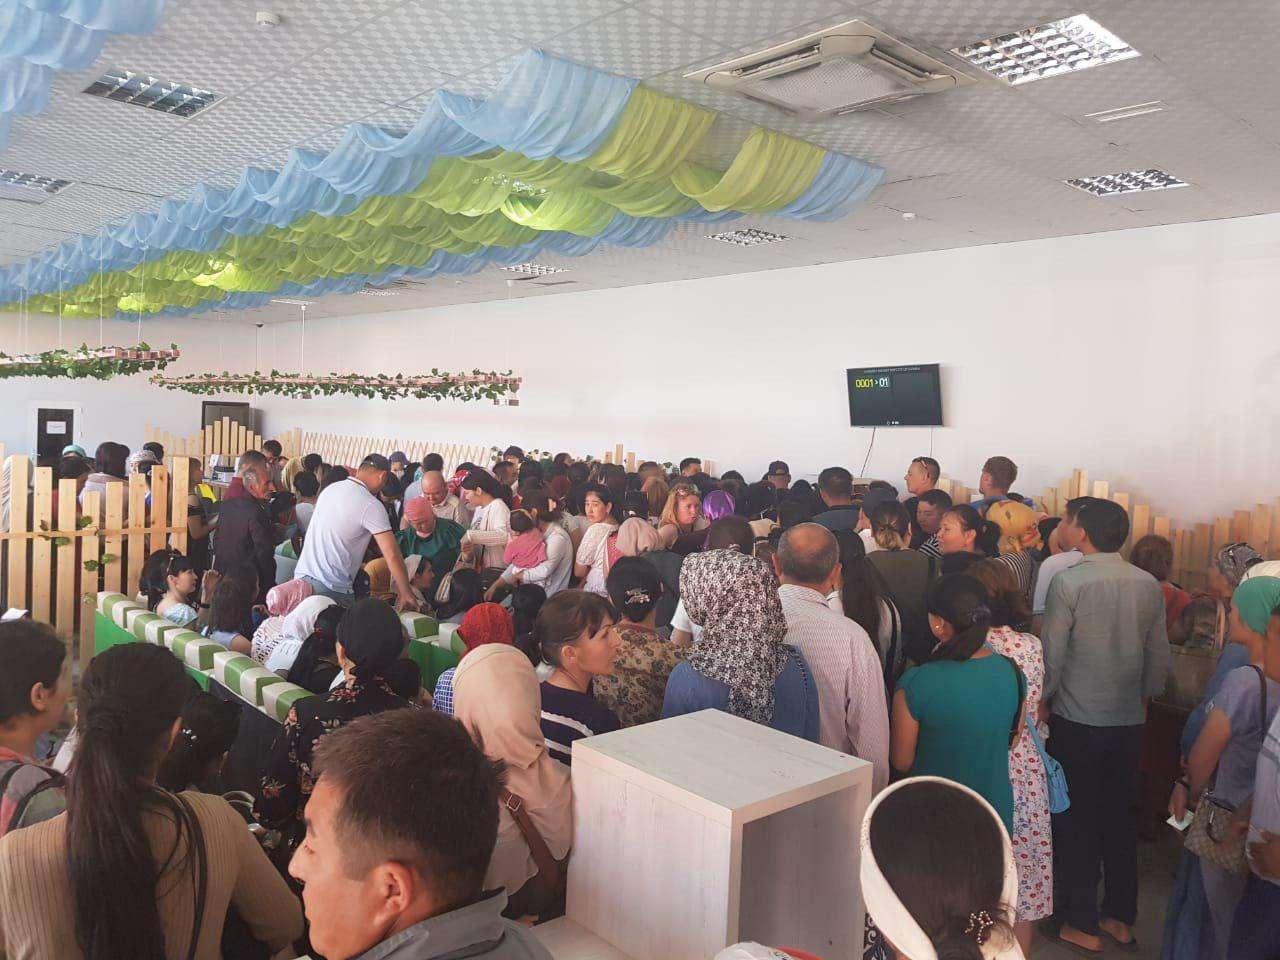 Основная масса посетителей сдаёт документы на получение АСП